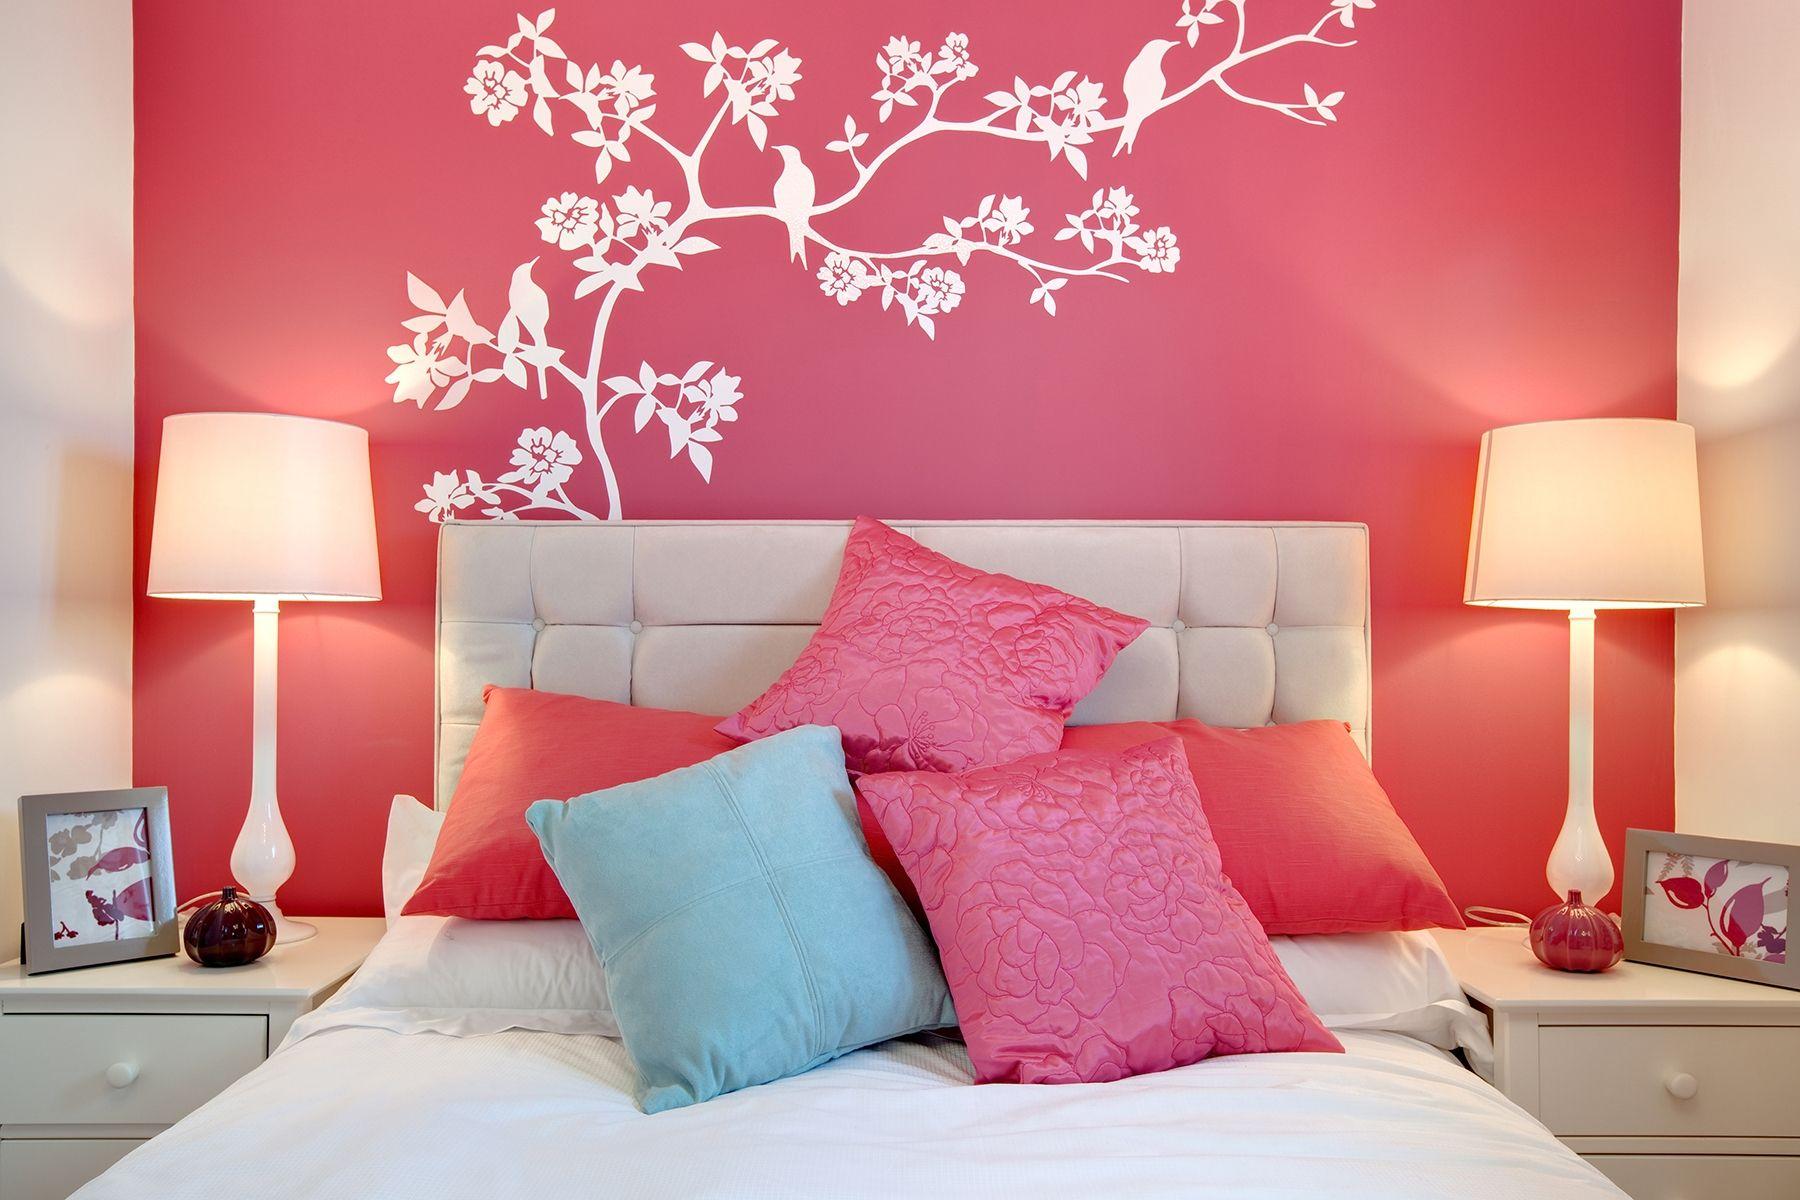 Оригинальные идеи декора стен (55 фото): оформляем свой интерьер